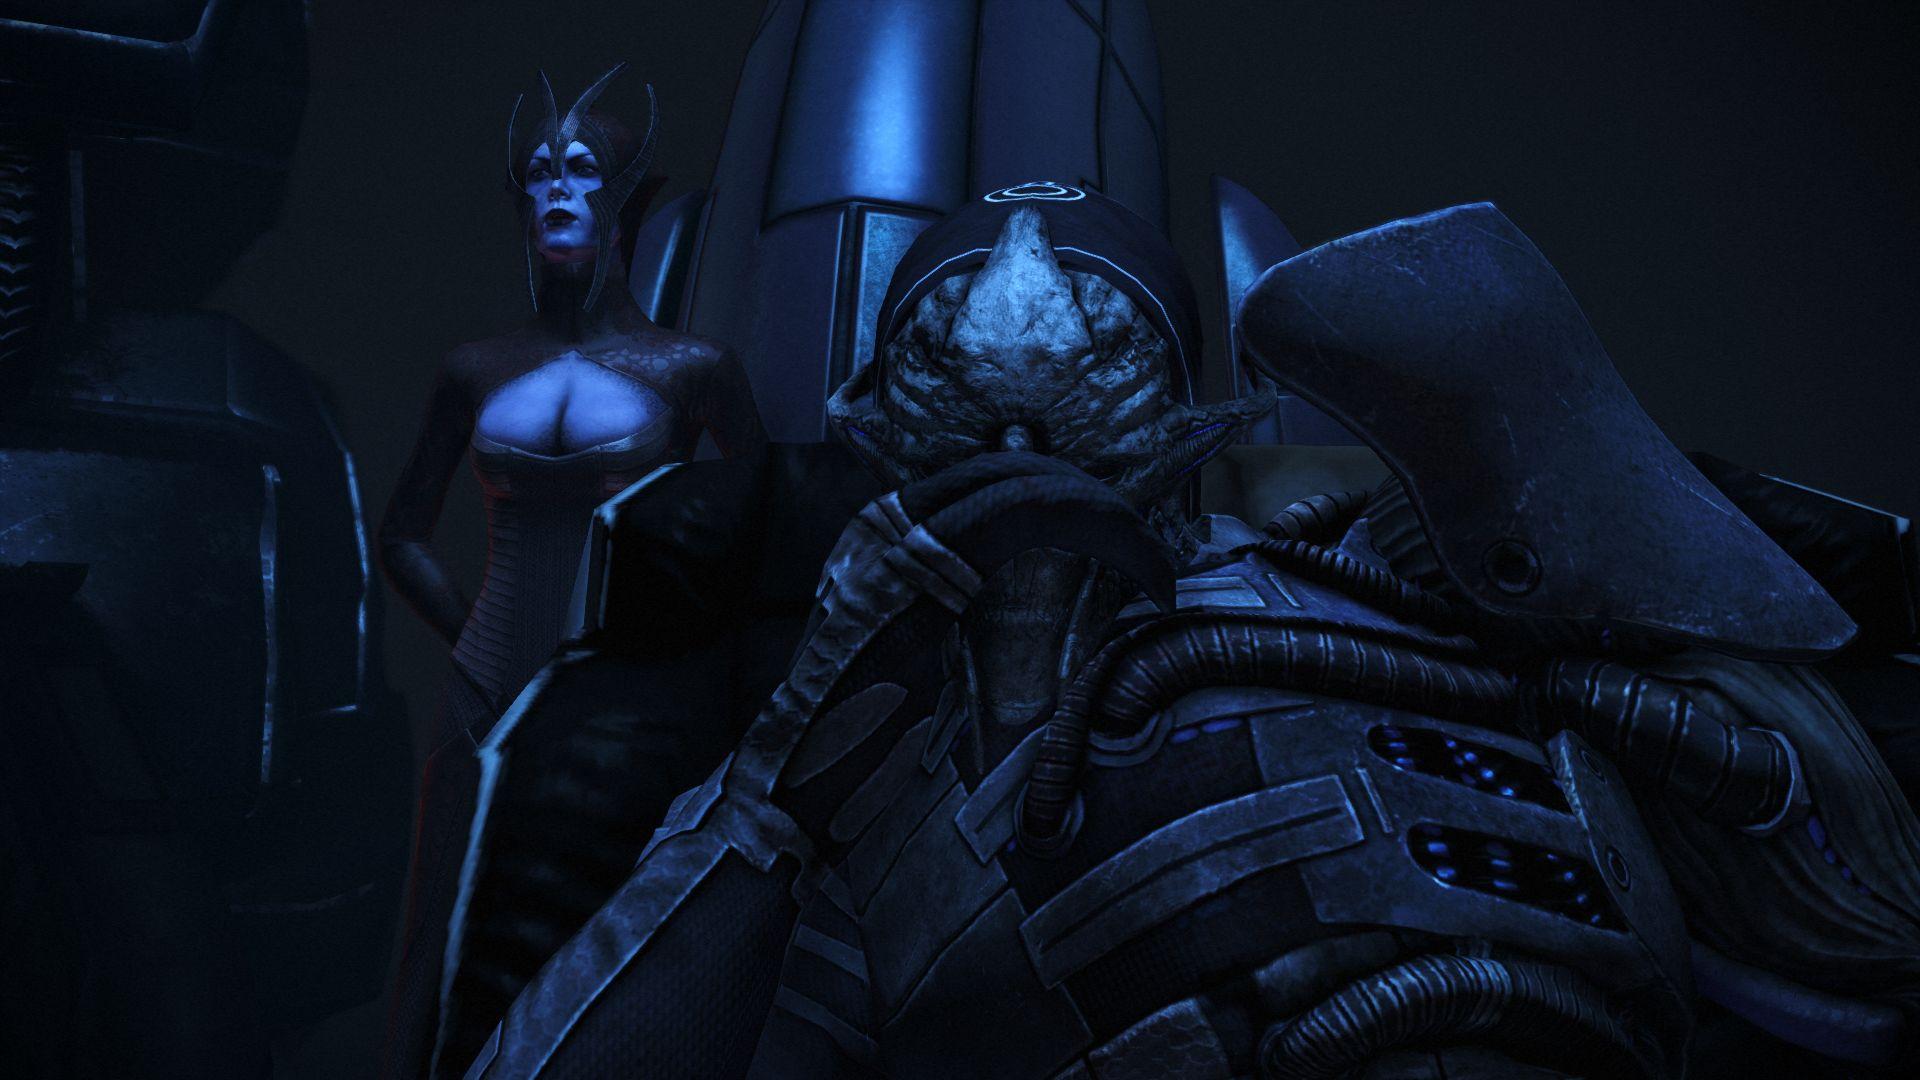 Saren, Mass Effect's villain